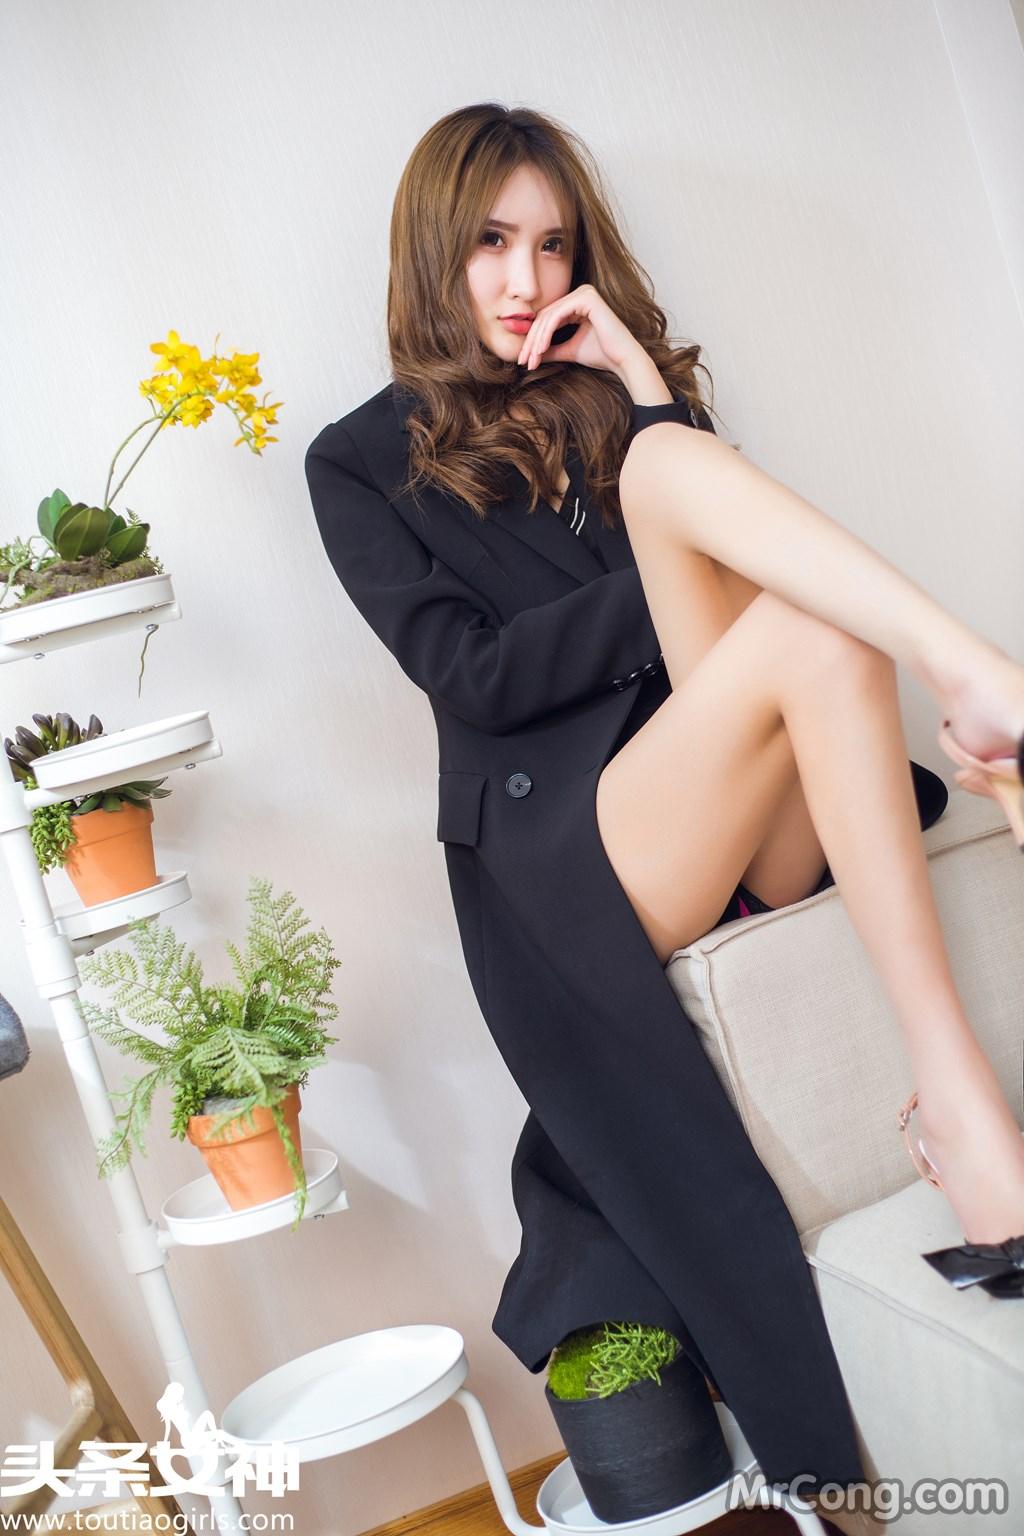 TouTiao 2016-10-31: Model Liang Rui Xi (梁芮溪) (27P)